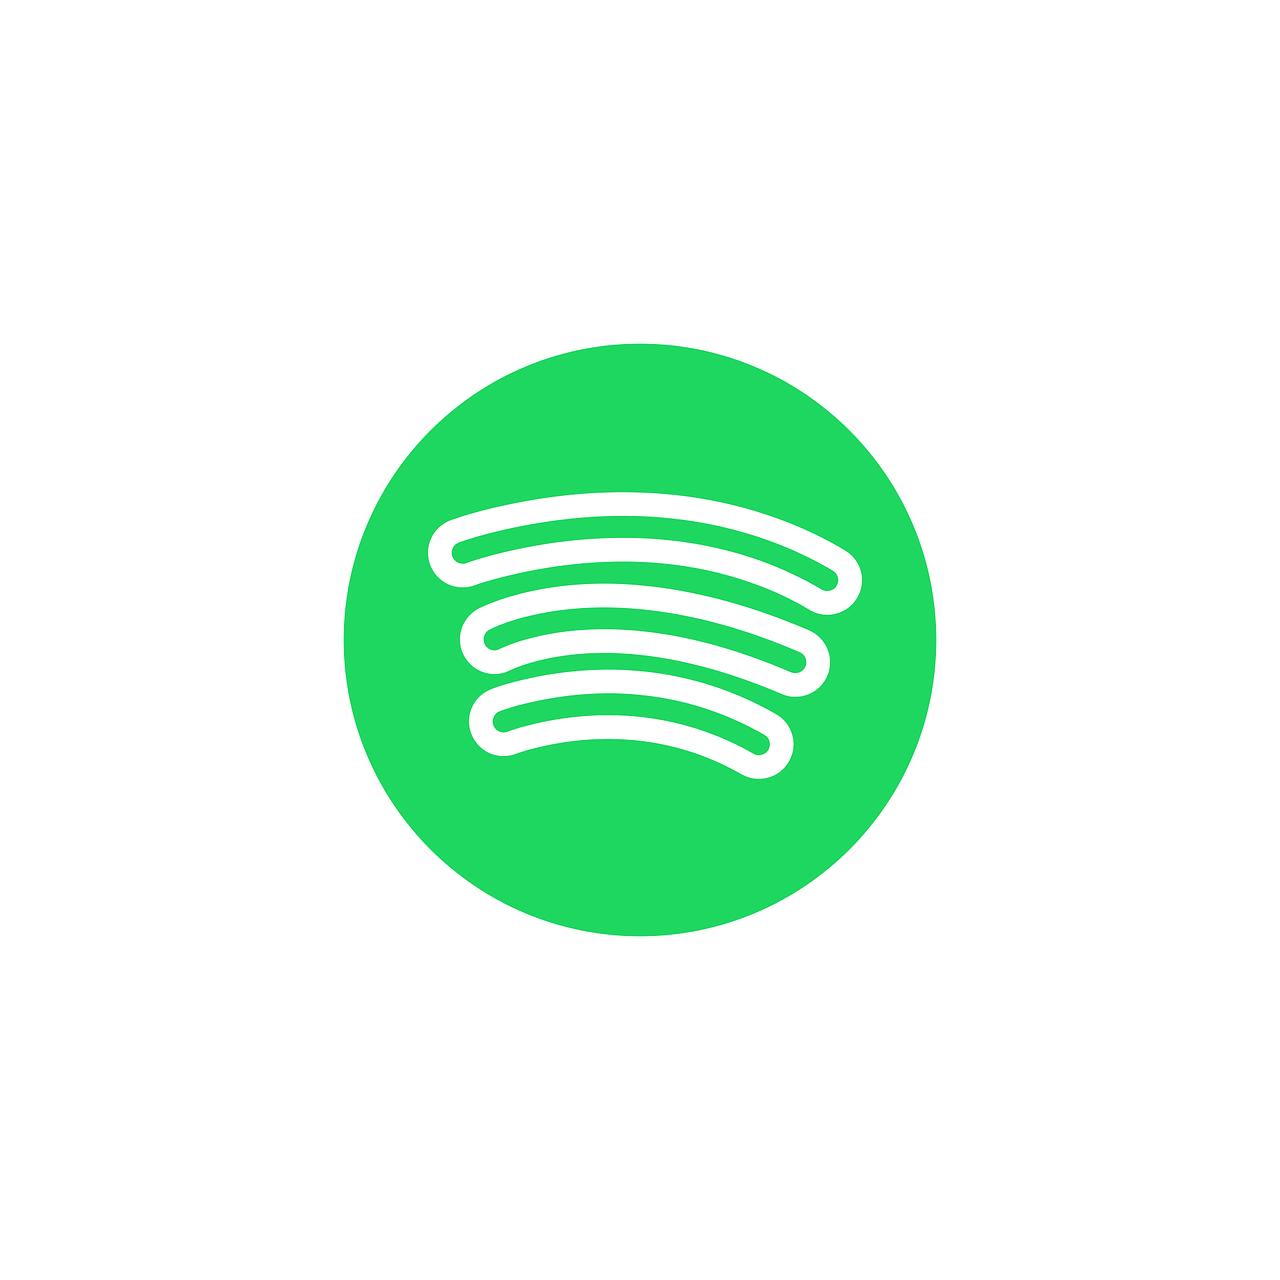 spotify-te-descubre-las-canciones-que-mas-has-escuchado-este-ano